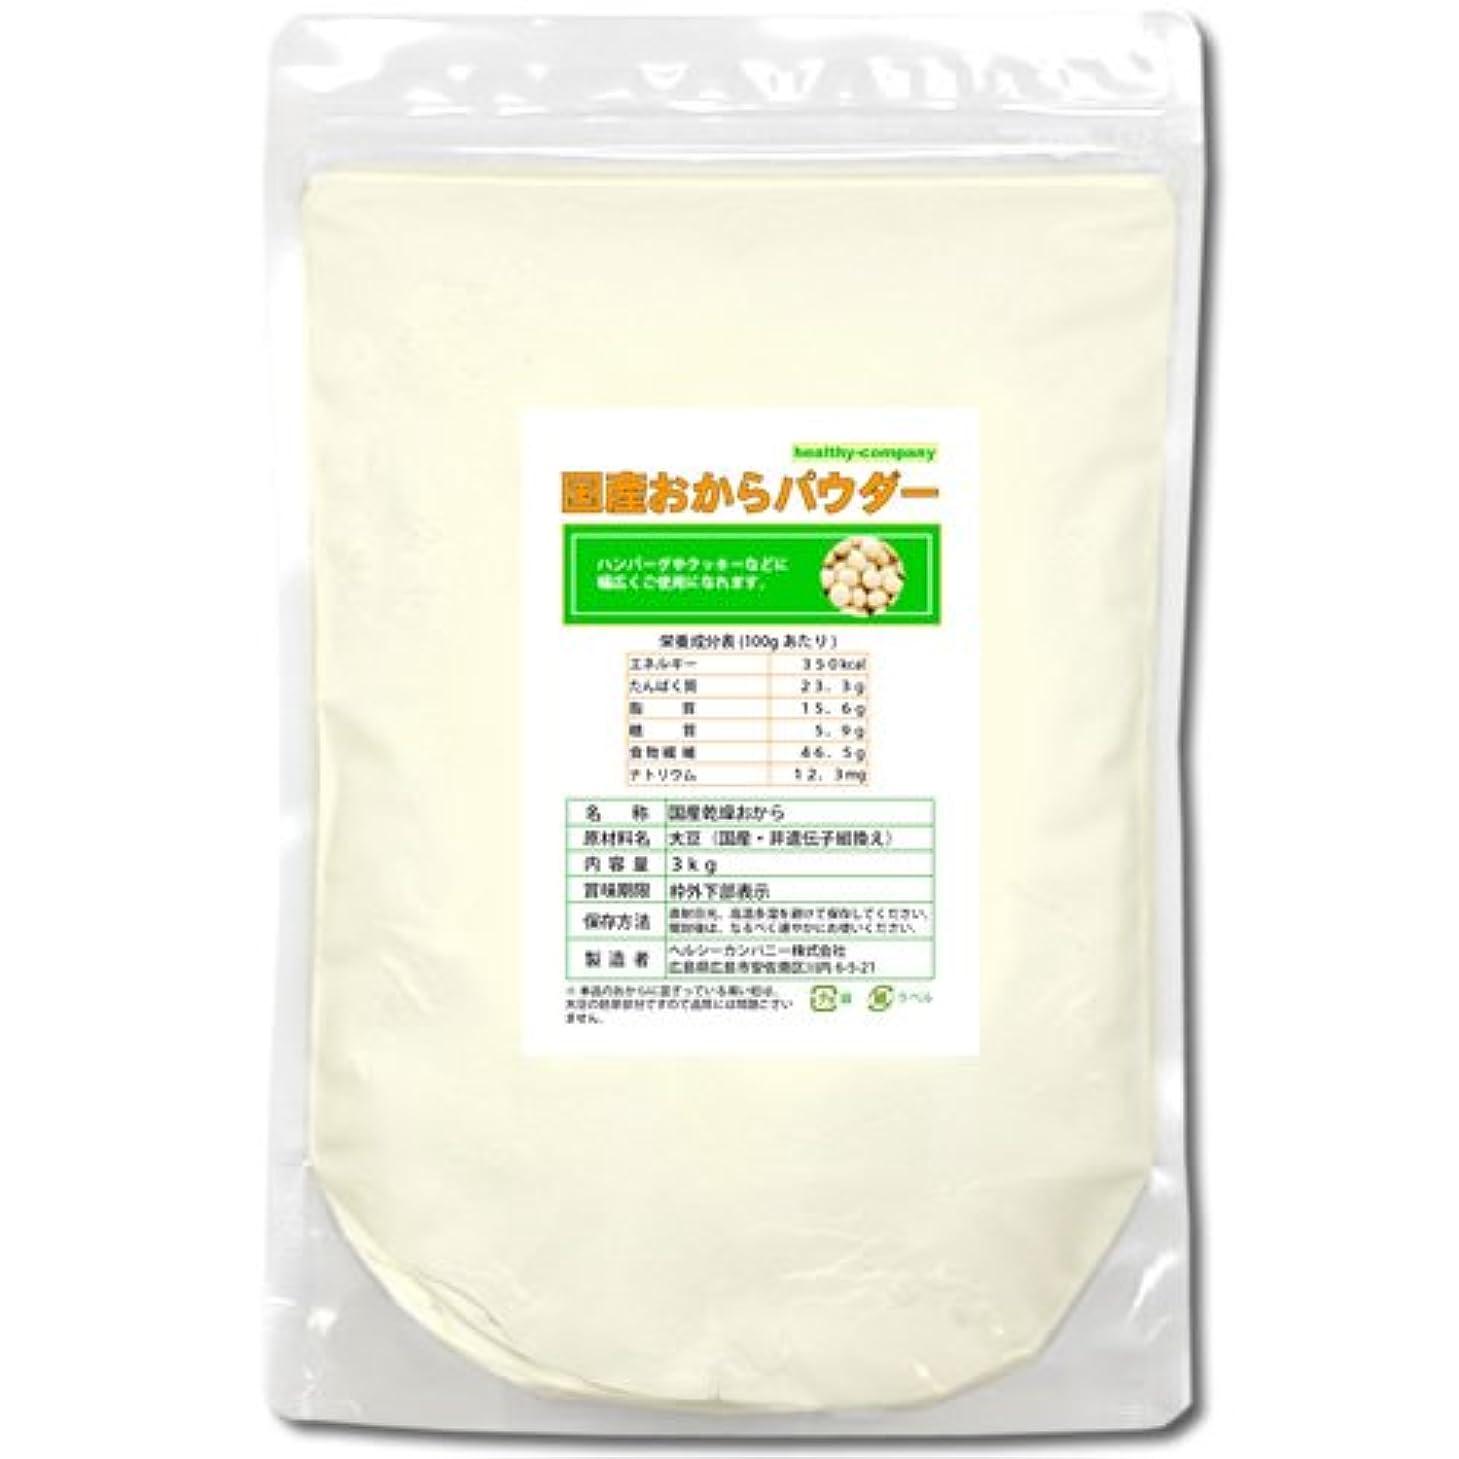 傑作酸素劇場国産大豆100%おからパウダー3kg(乾燥 粉末 ヘルシーカンパニー)